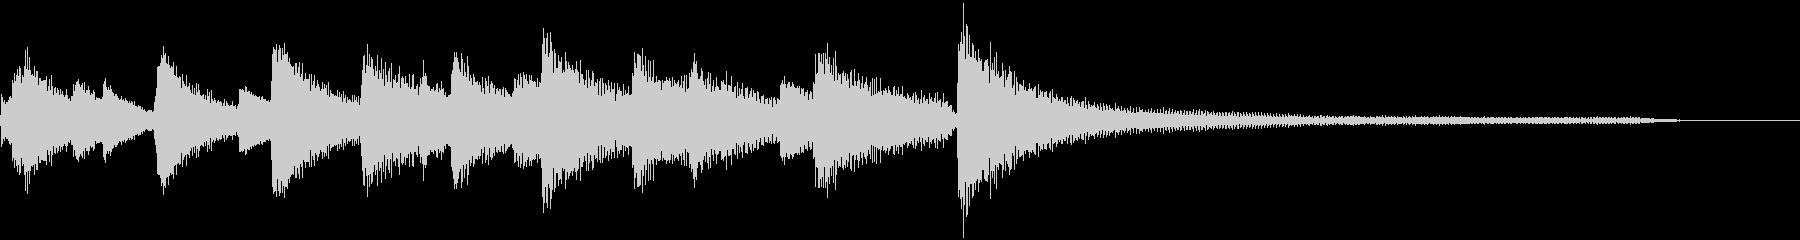 ピアノ生演奏 CM ジングル 商業用ロゴの未再生の波形